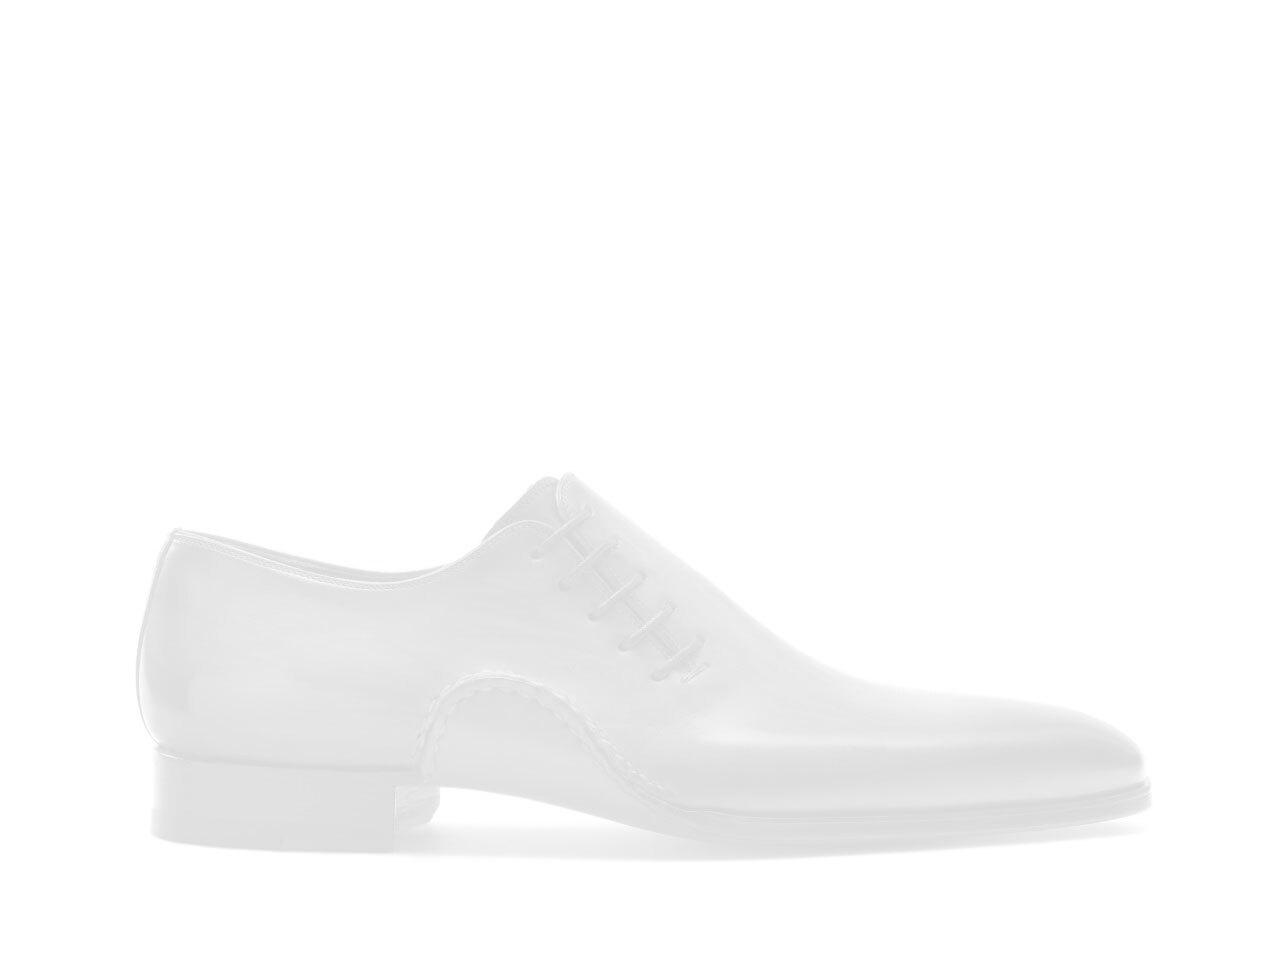 Sole of the Magnanni Lennon Black Men's Single Monk Strap Shoes